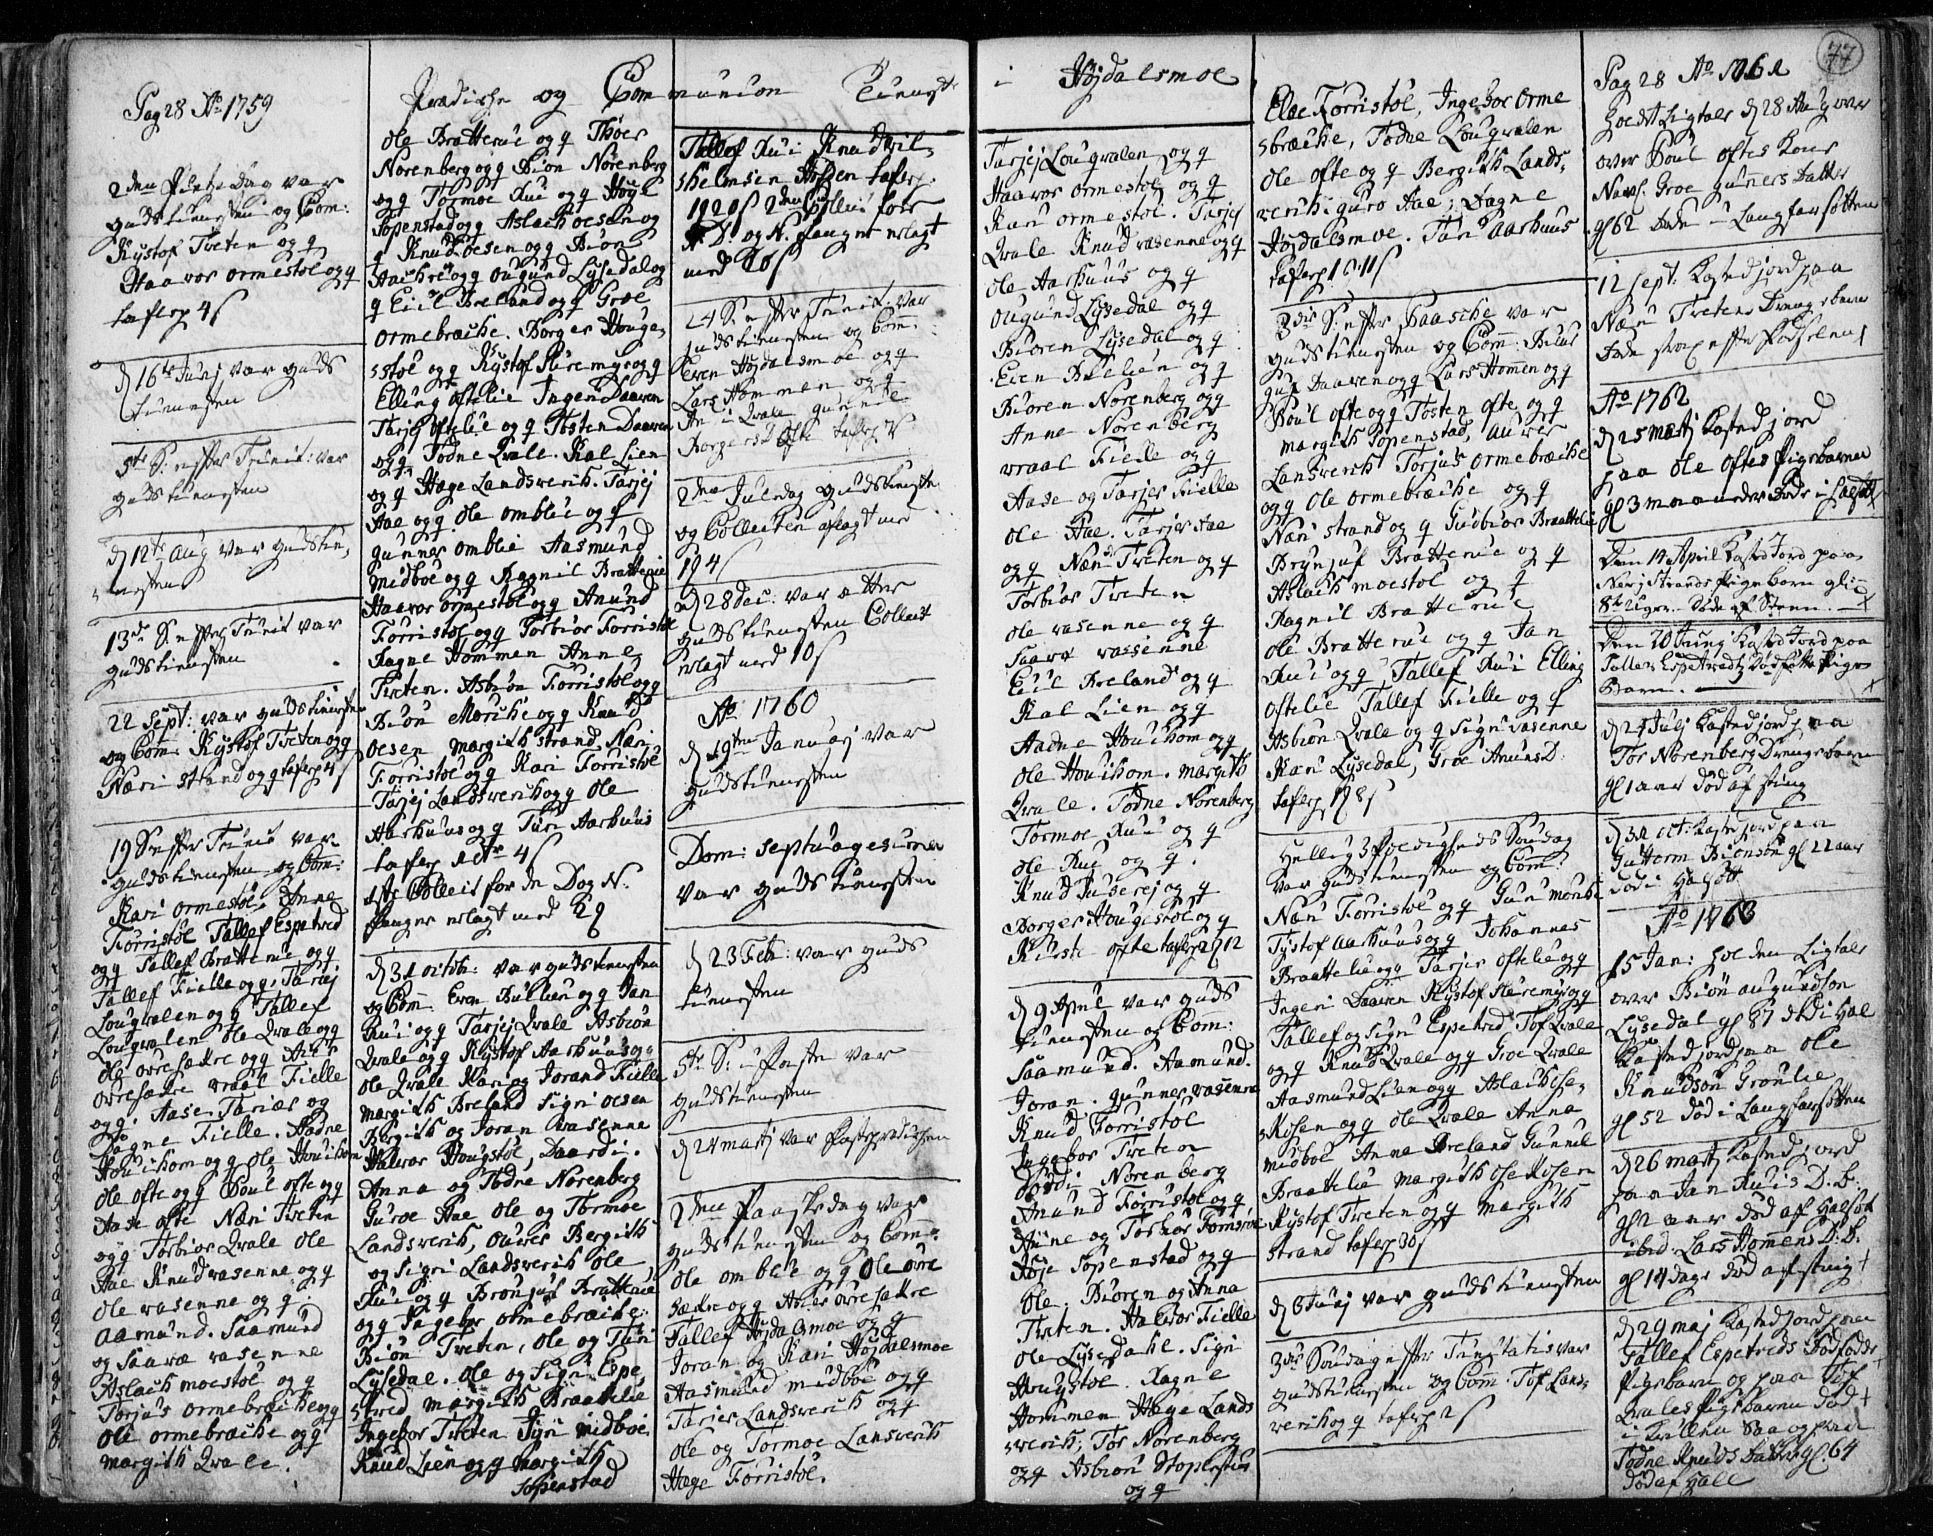 SAKO, Lårdal kirkebøker, F/Fa/L0003: Ministerialbok nr. I 3, 1754-1790, s. 77